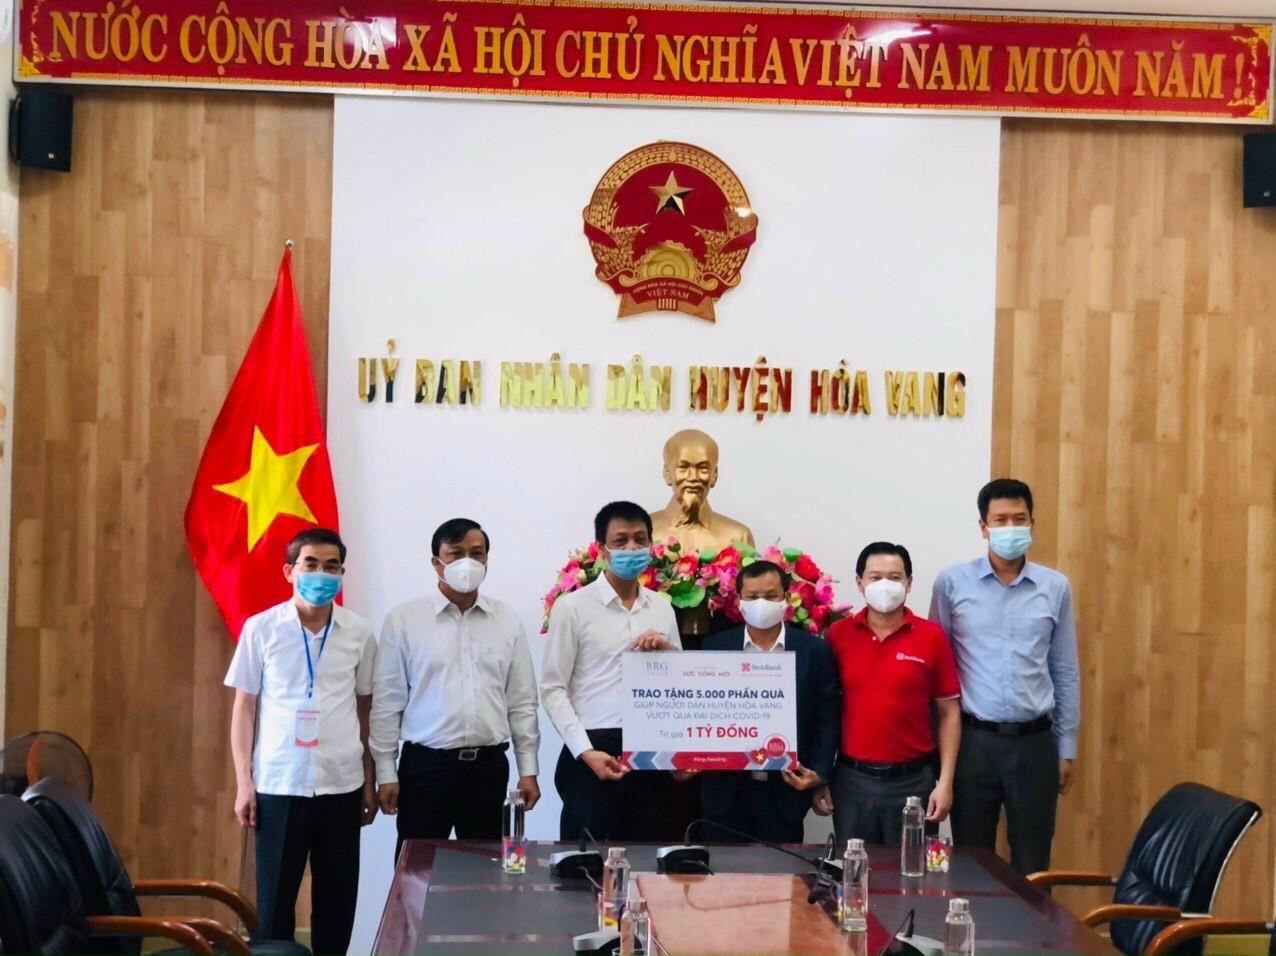 SeABank và BRG ủng hộ 18 tỷ đồng cho Huế, Đà Nẵng, Bà Rịa - Vũng Tàu phòng chống dịch - Ảnh 3.